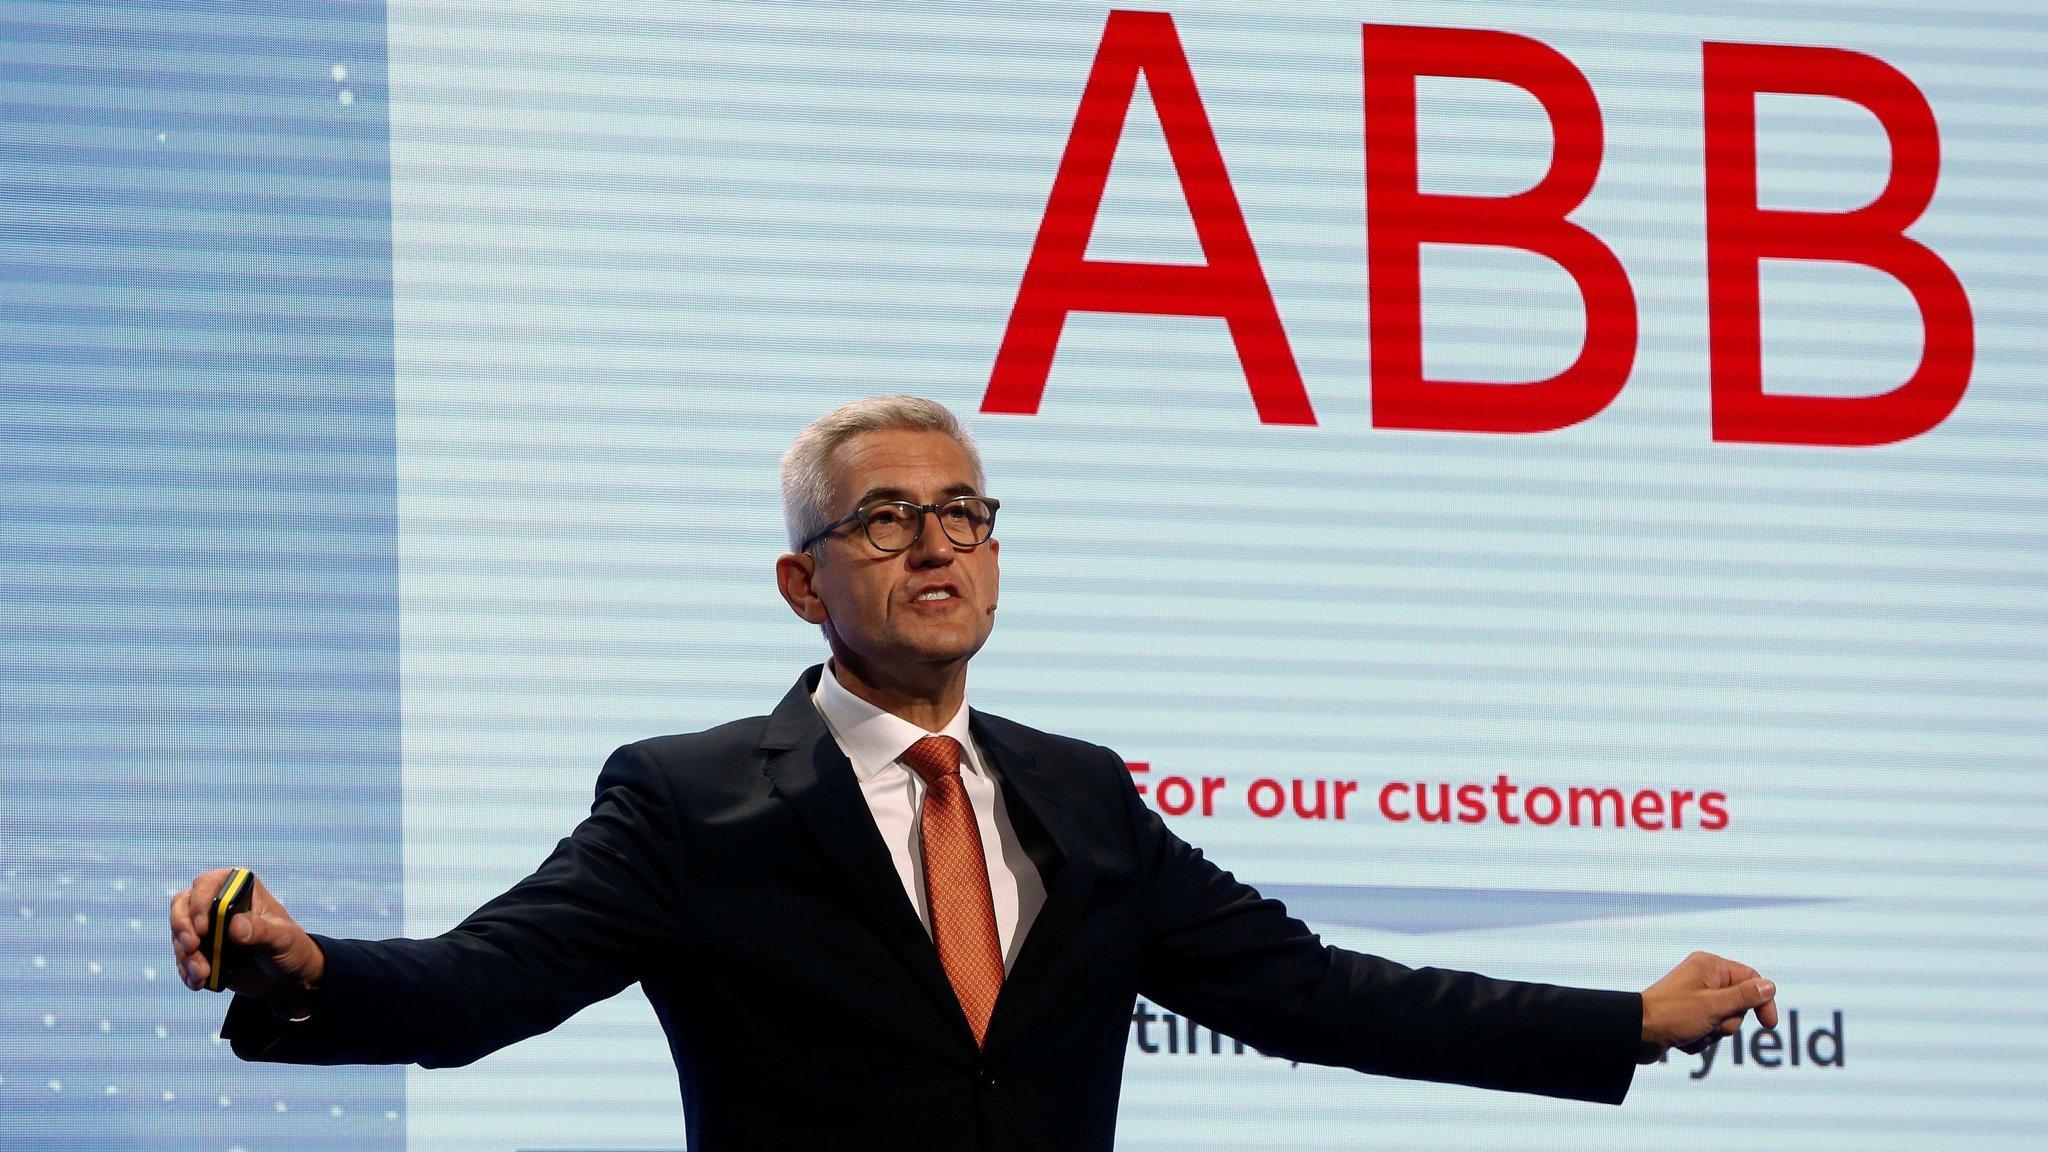 ABB chief warns US jobs put at risk by Trump steel tariffs